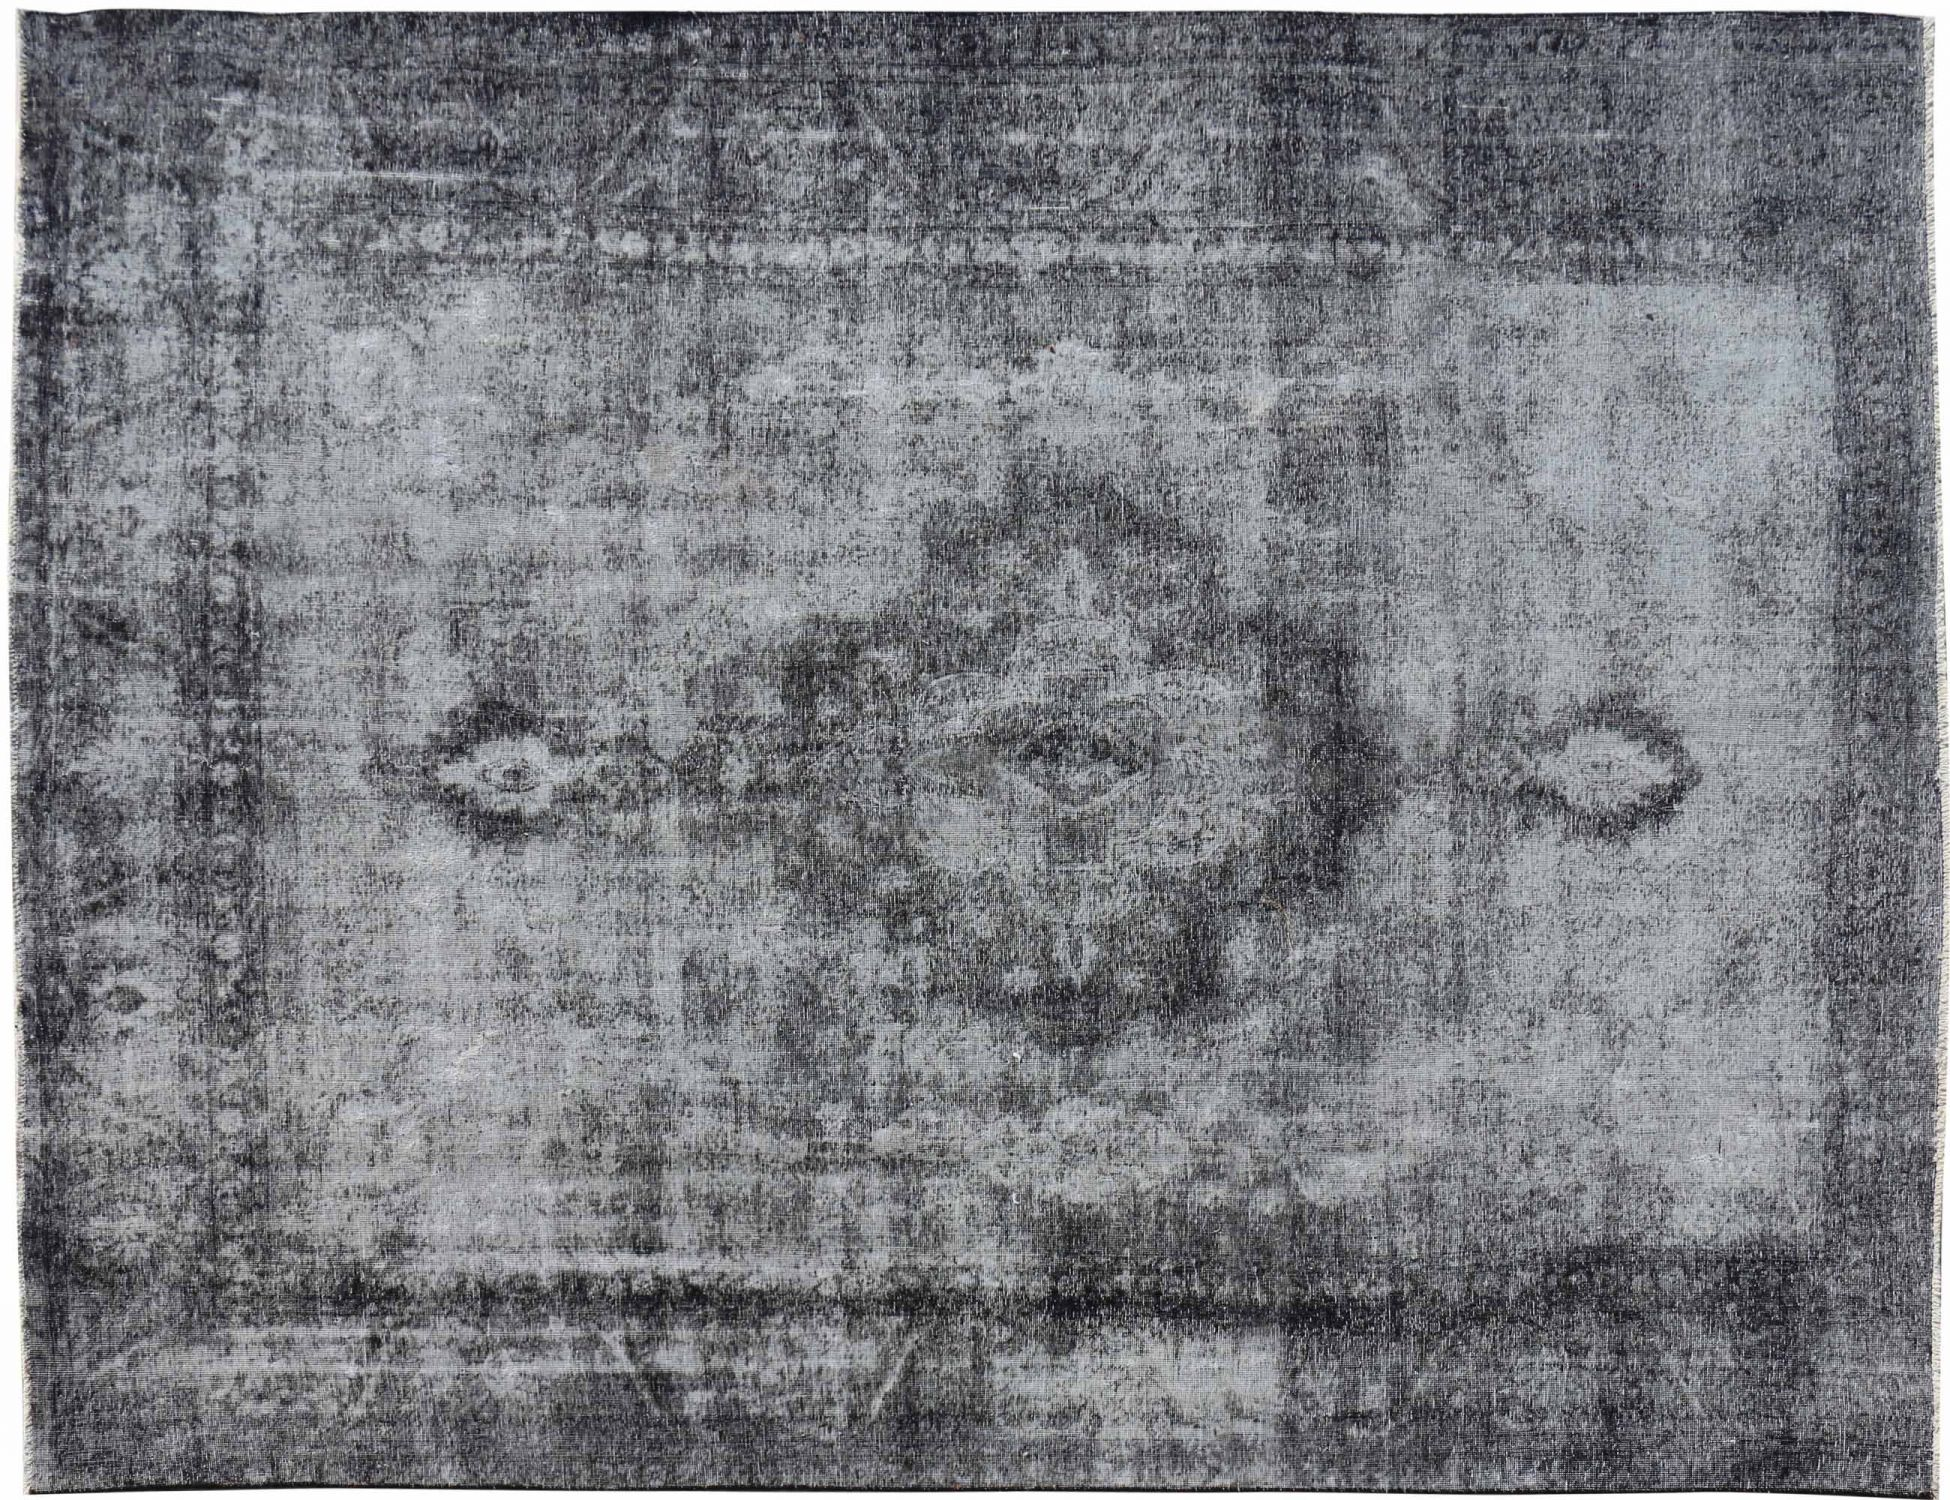 Persischer Vintage Teppich  schwarz <br/>376 x 270 cm